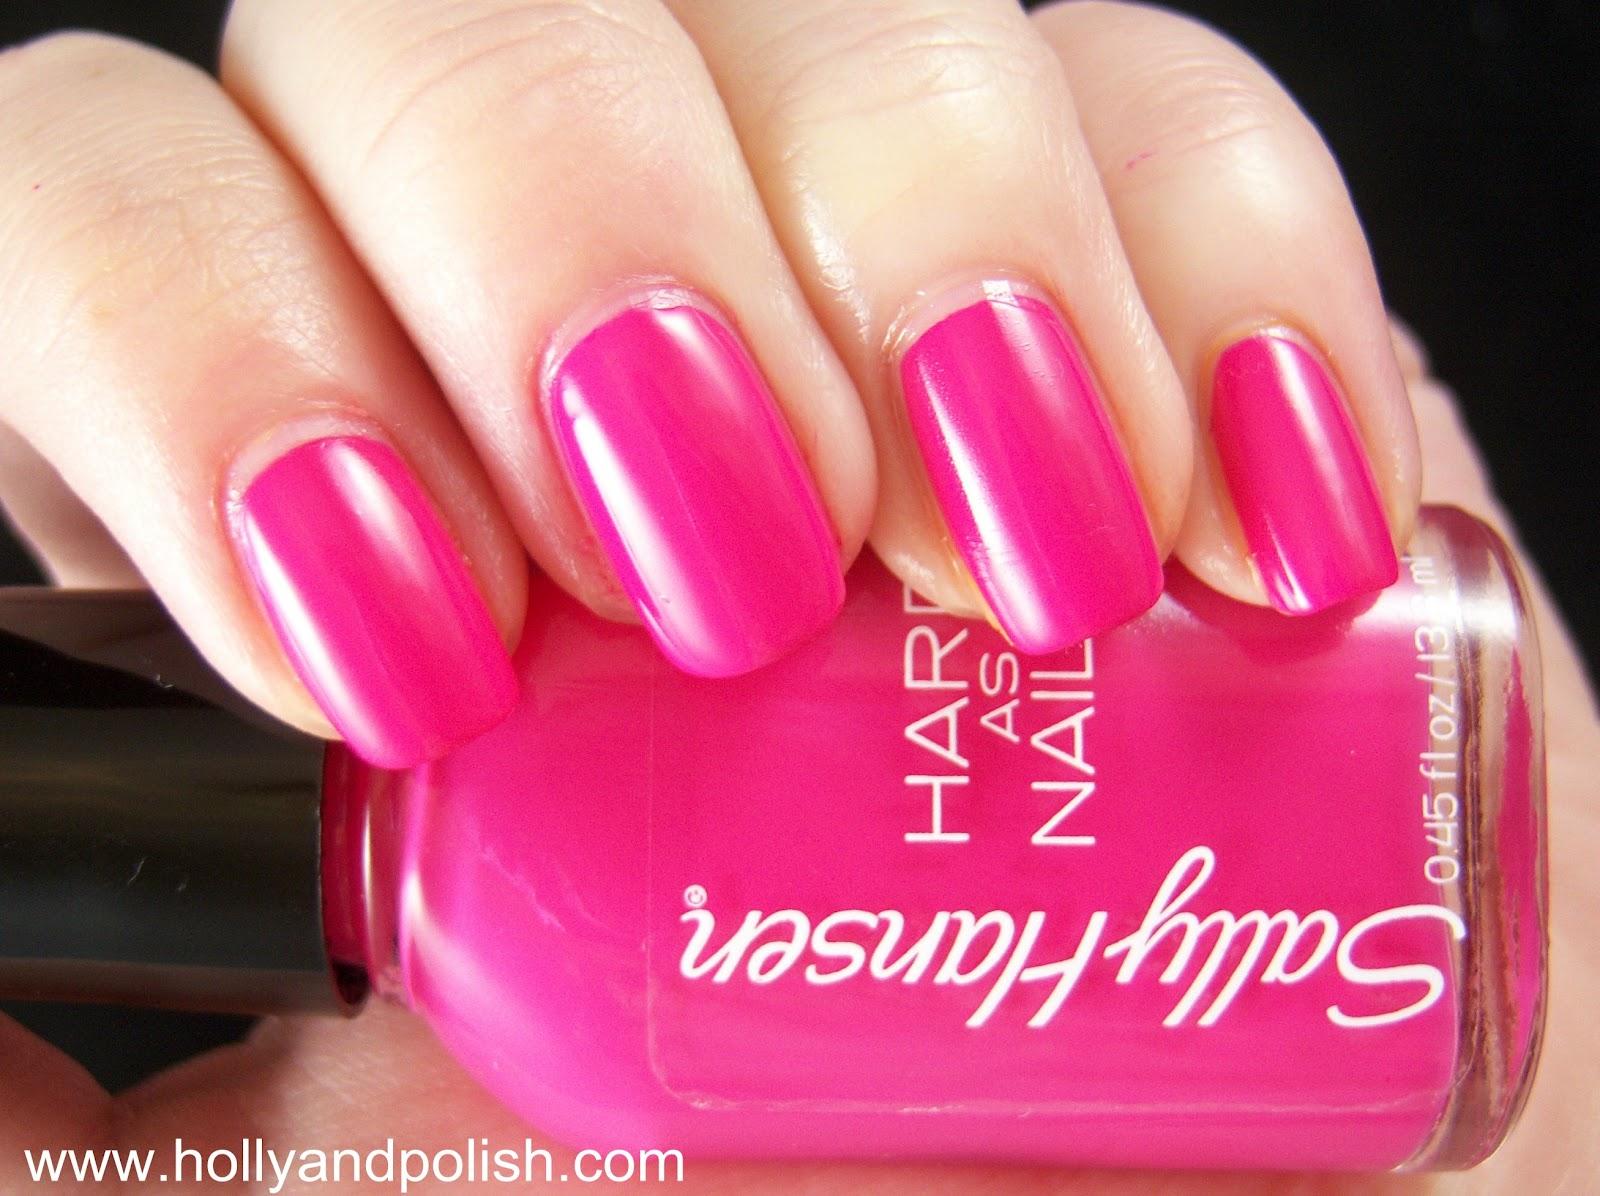 Holly and Polish: A Nail Polish and Beauty Blog: Sally Hansen Love Rocks